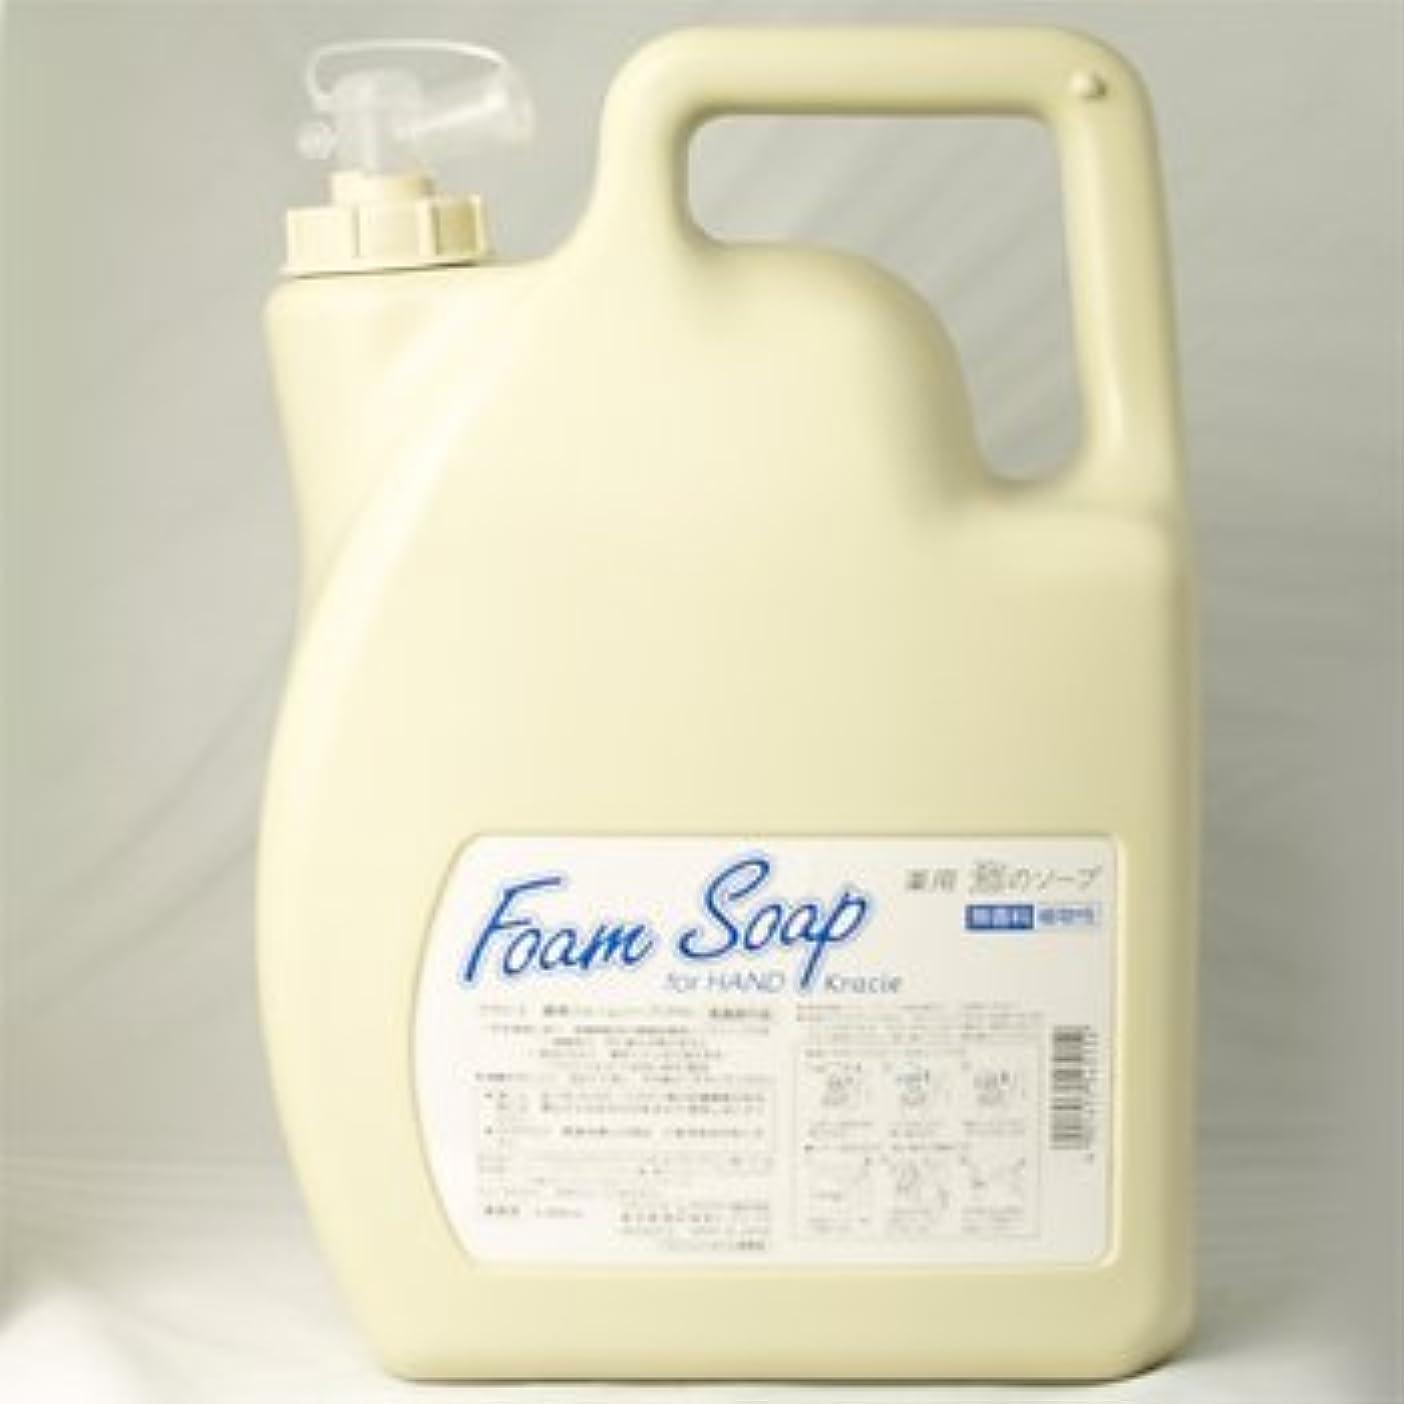 有毒二十虫クラシエ 薬用フォームソープFH for HAND ハンドソープ 業務用5000ml